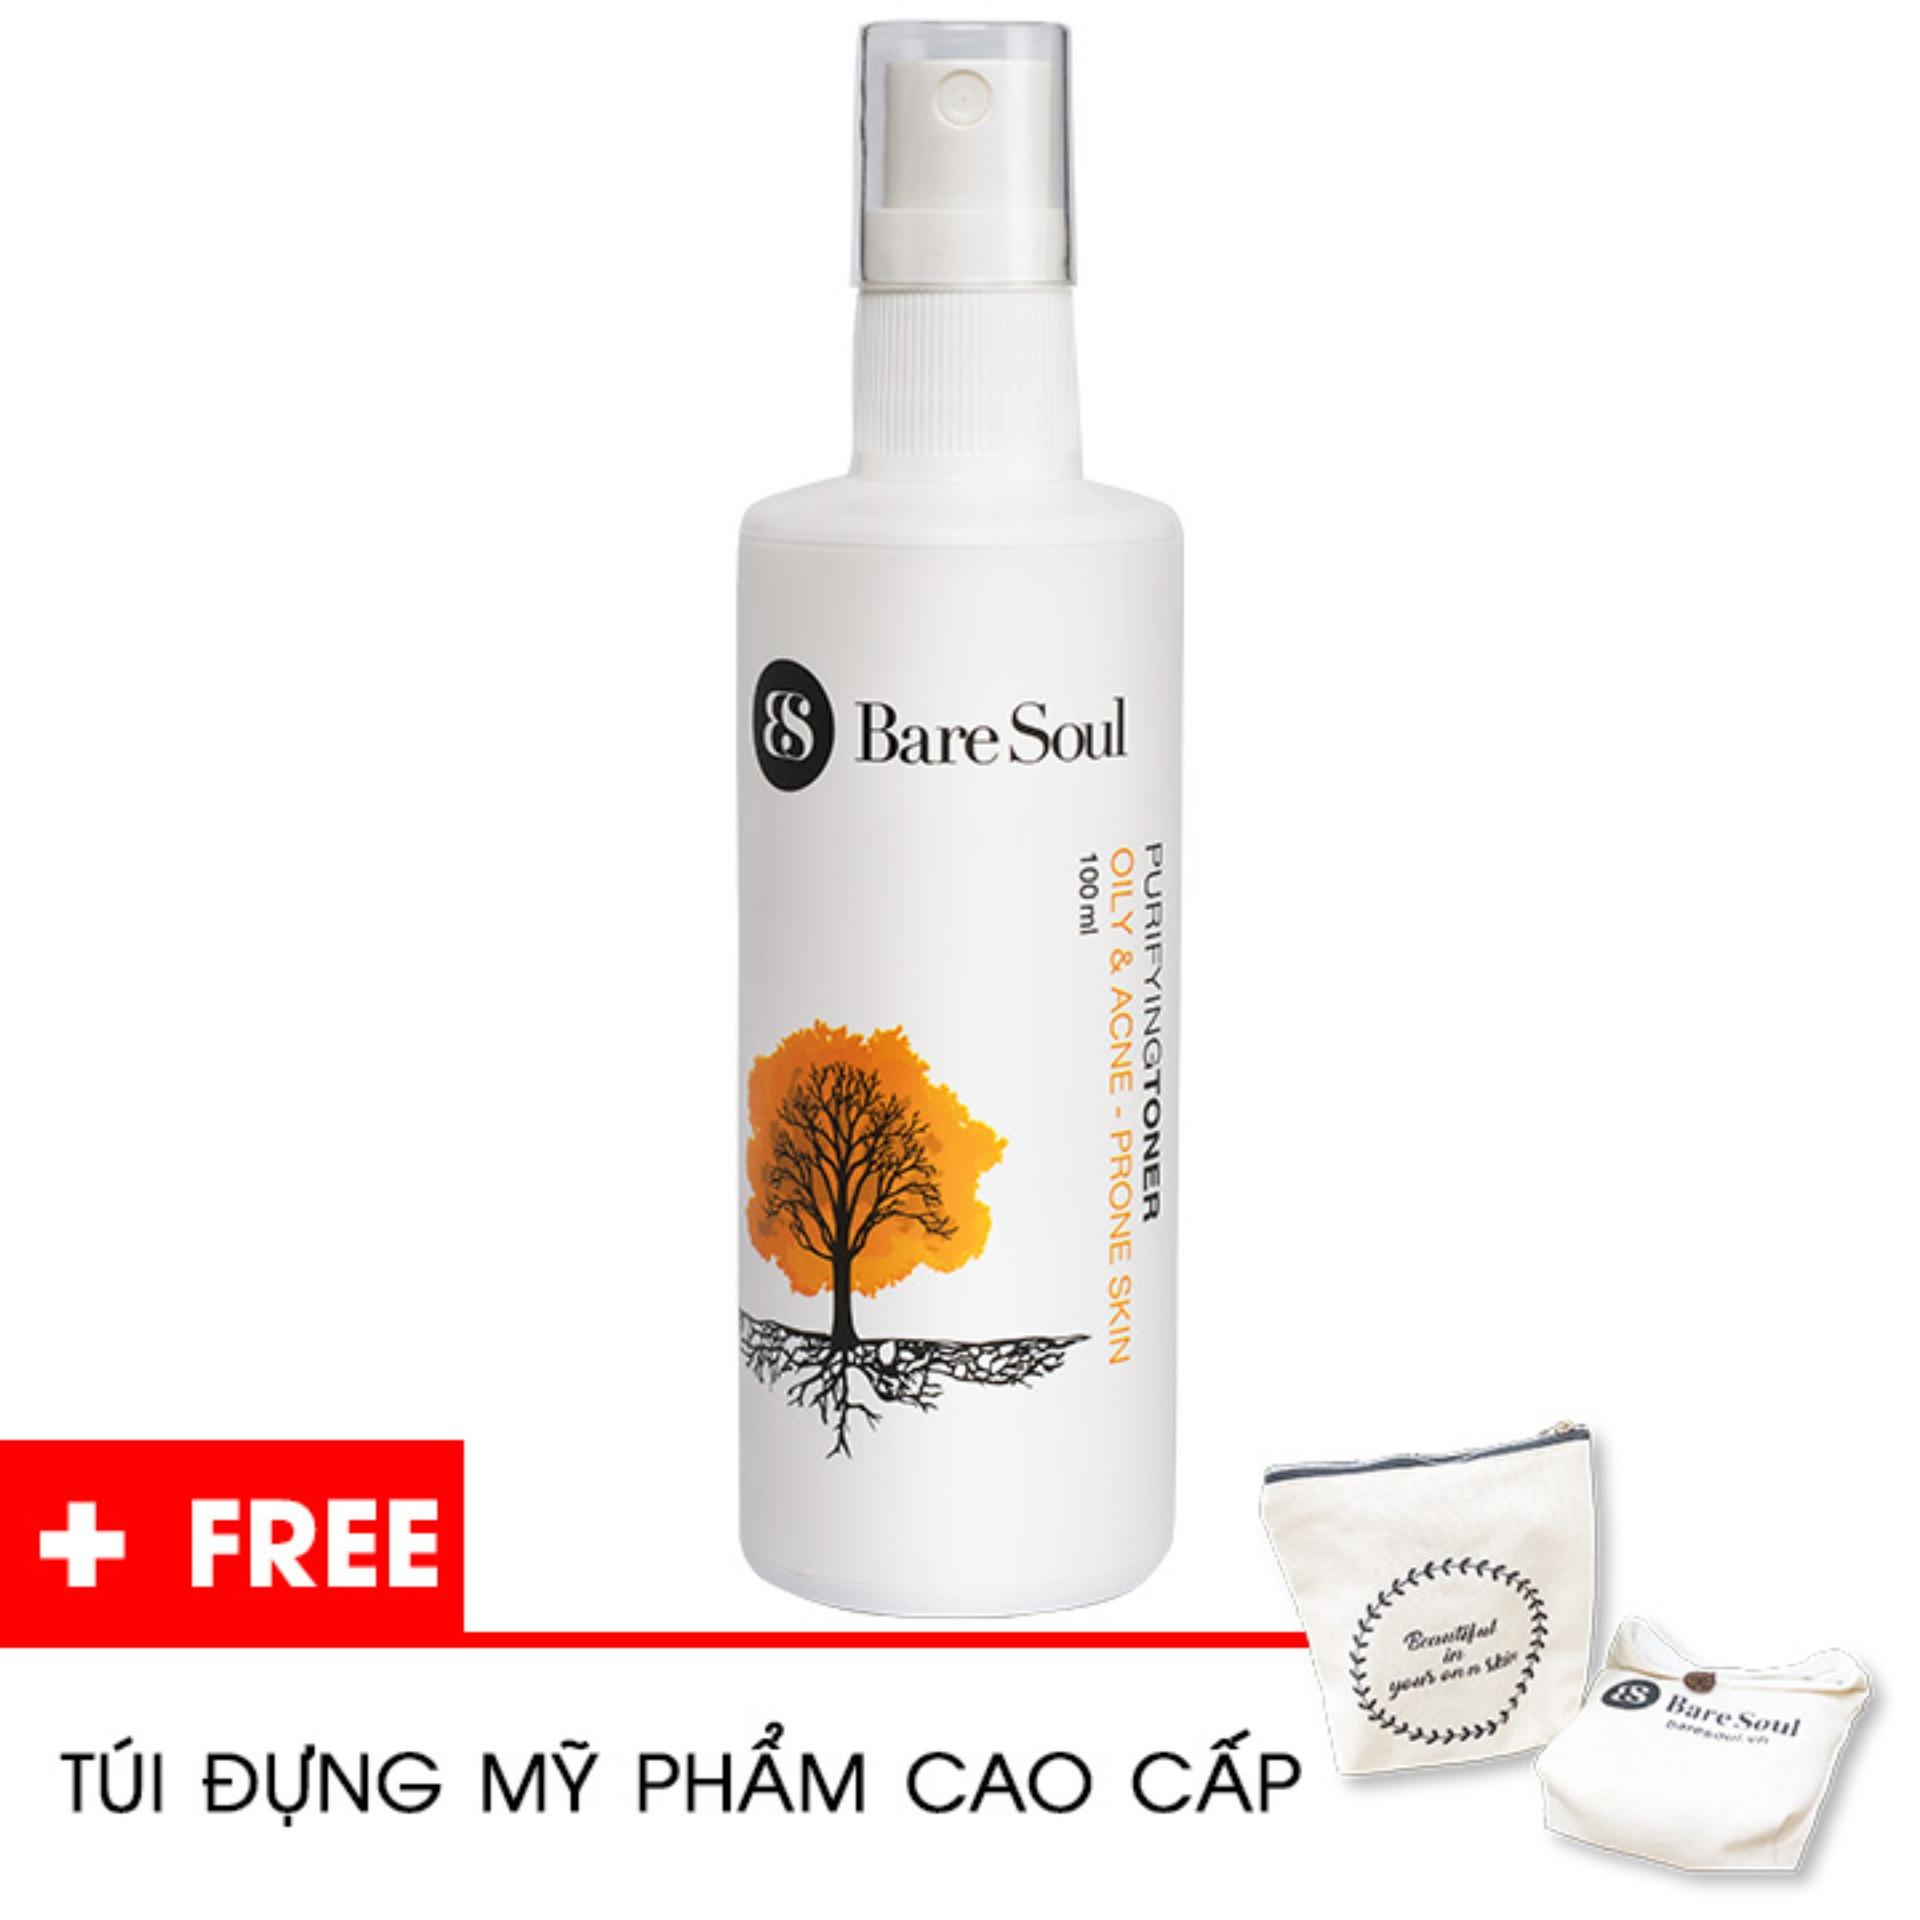 Nước hoa hồng thanh lọc BareSoul – Da dầu và trị mụn 100ml – Hàng chính hãng – Purifying Toner Oily & Acne Prone Skin + Tặng túi mỹ phẩm cao cấp nhập khẩu